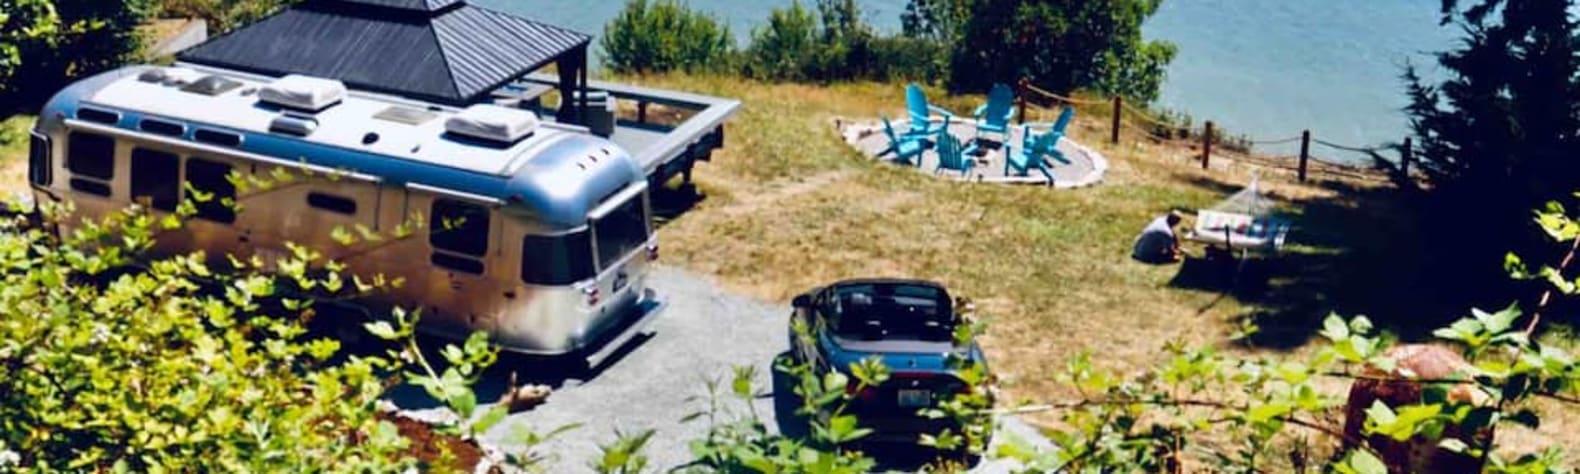 Seas the Moment Beach Airstream